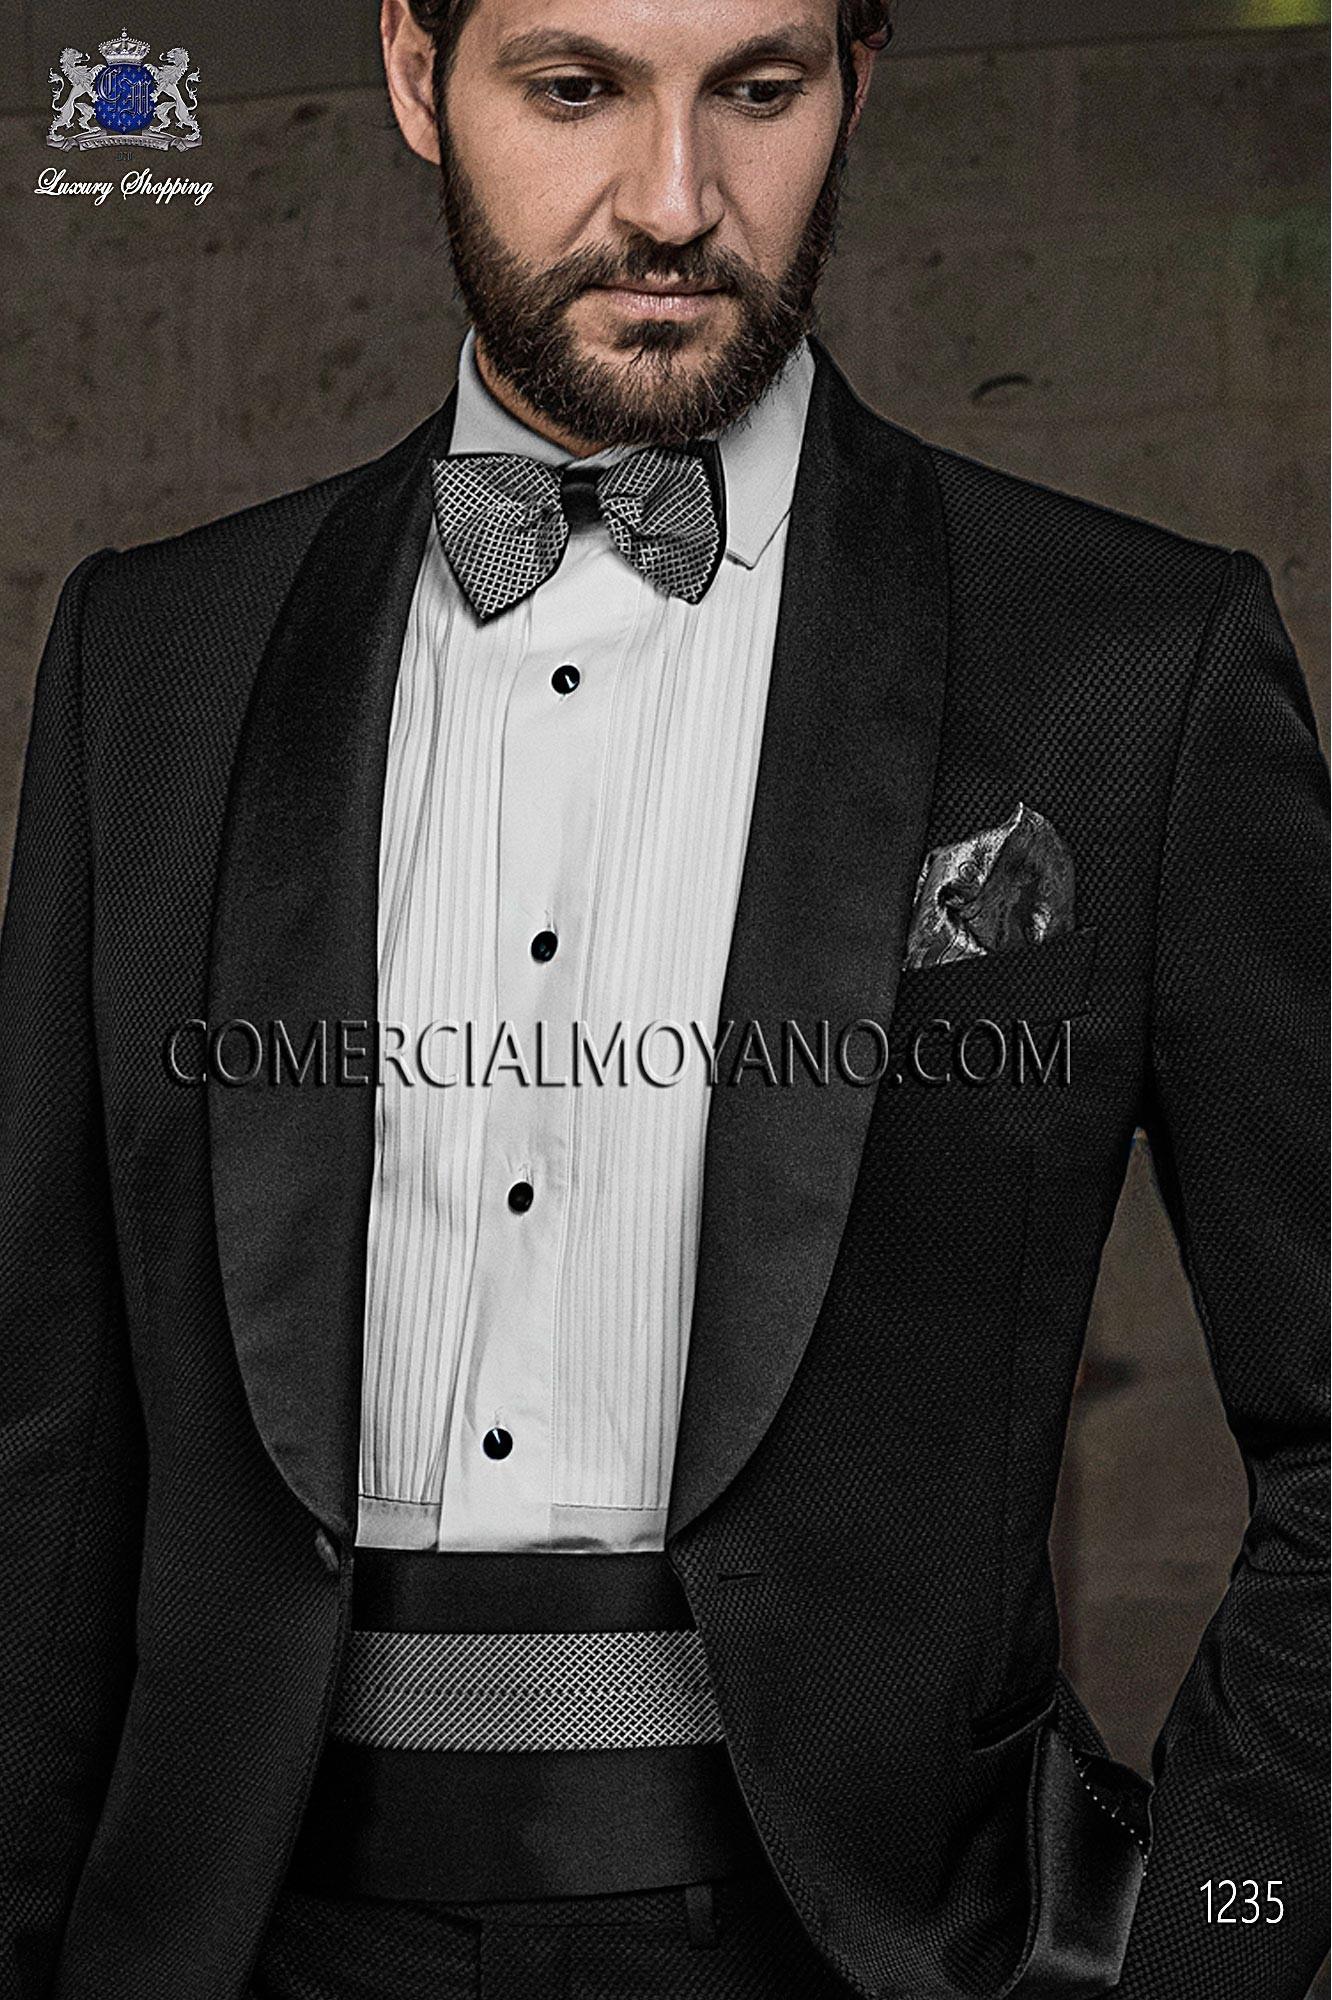 Traje BlackTie de novio negro modelo: 1235 Ottavio Nuccio Gala colección Black Tie